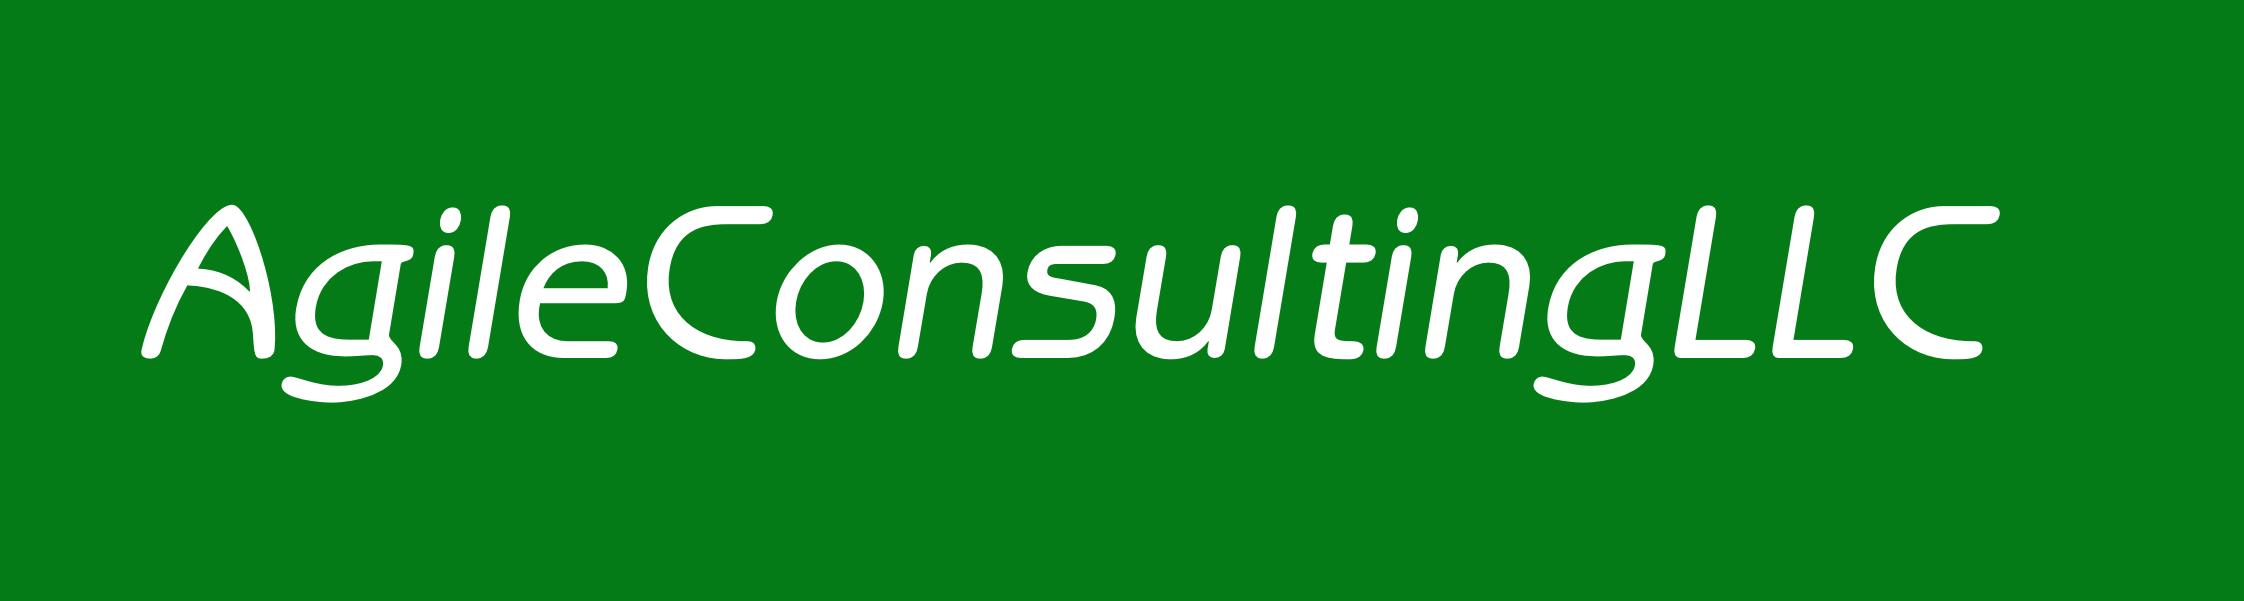 Agile Consulting LLC